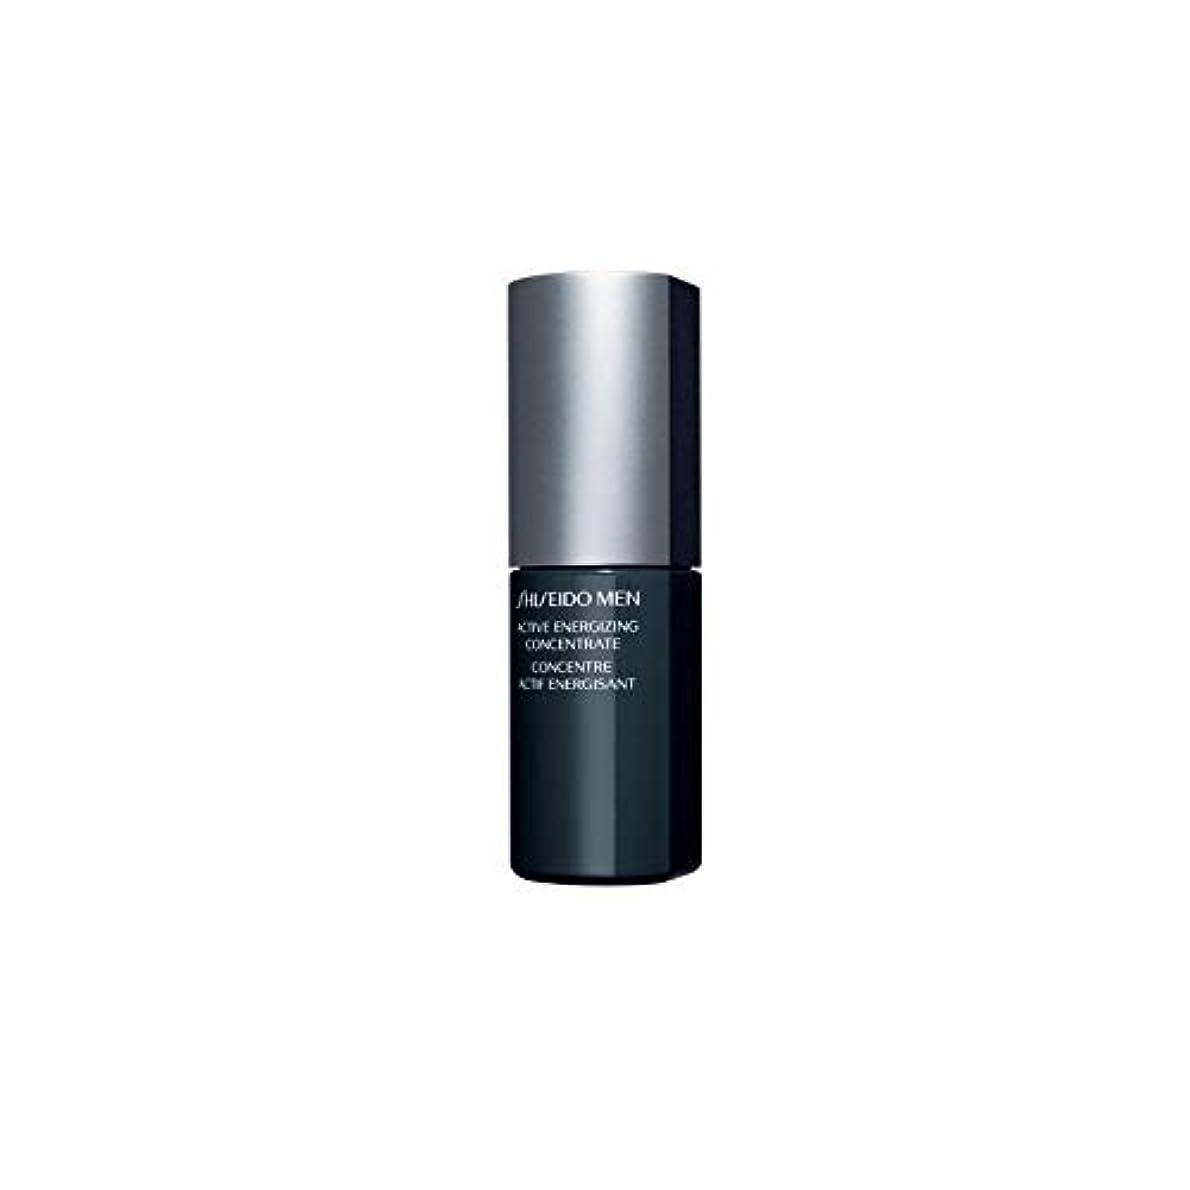 悩む運命的なシマウマ[Shiseido ] 資生堂メンズアクティブ通電濃縮液(50ミリリットル) - Shiseido Mens Active Energizing Concentrate (50ml) [並行輸入品]